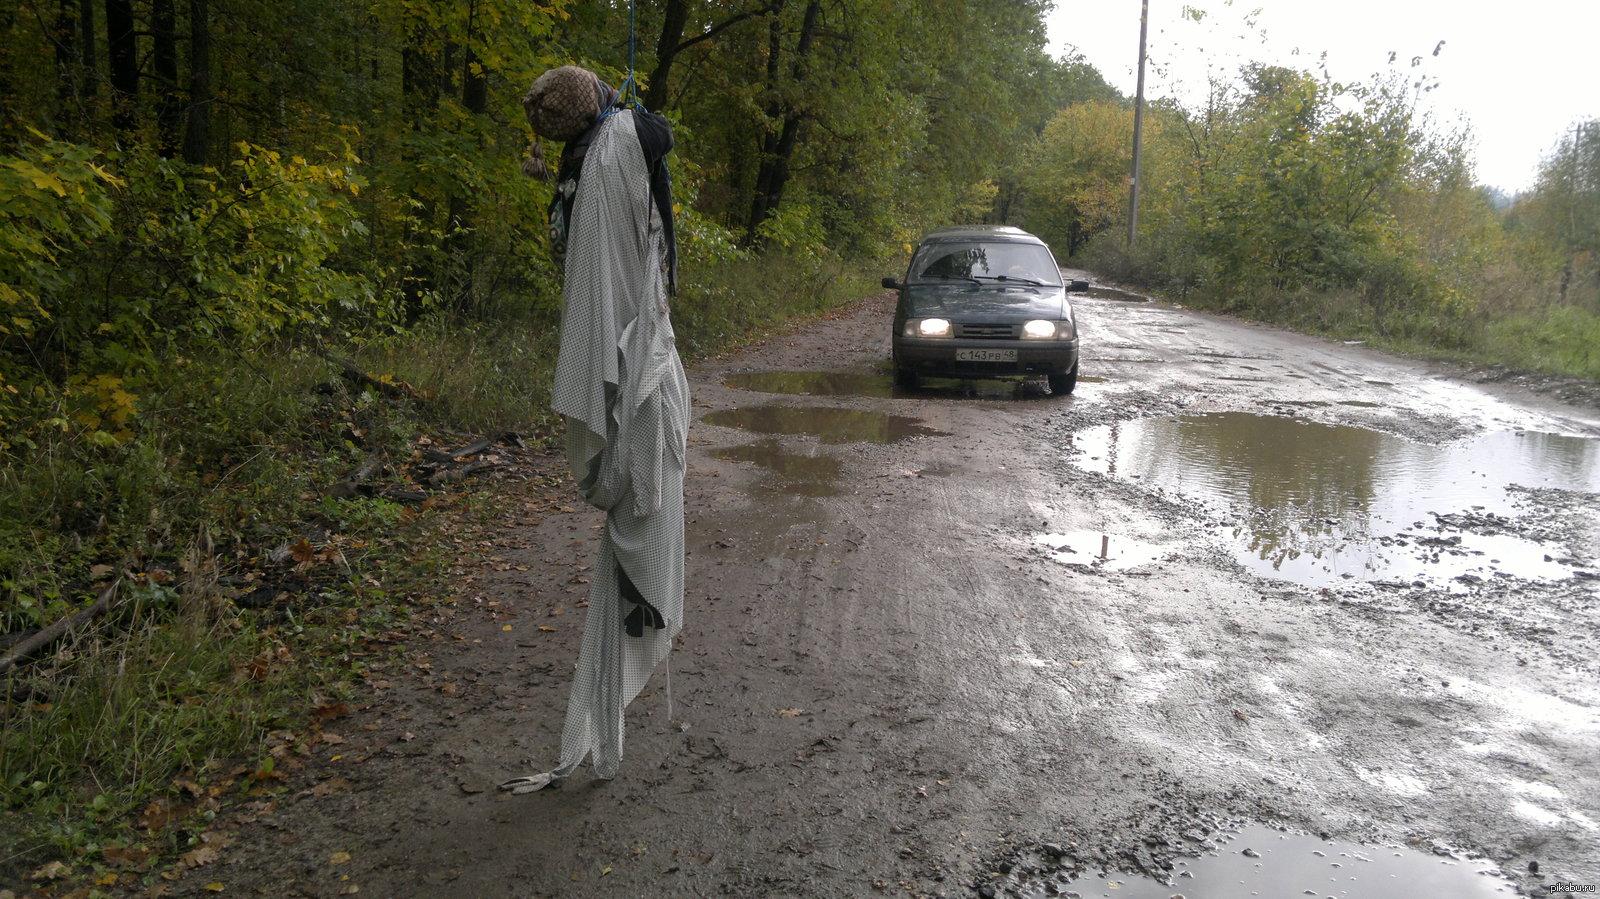 деле, как мистика на дороге реальное фото нас